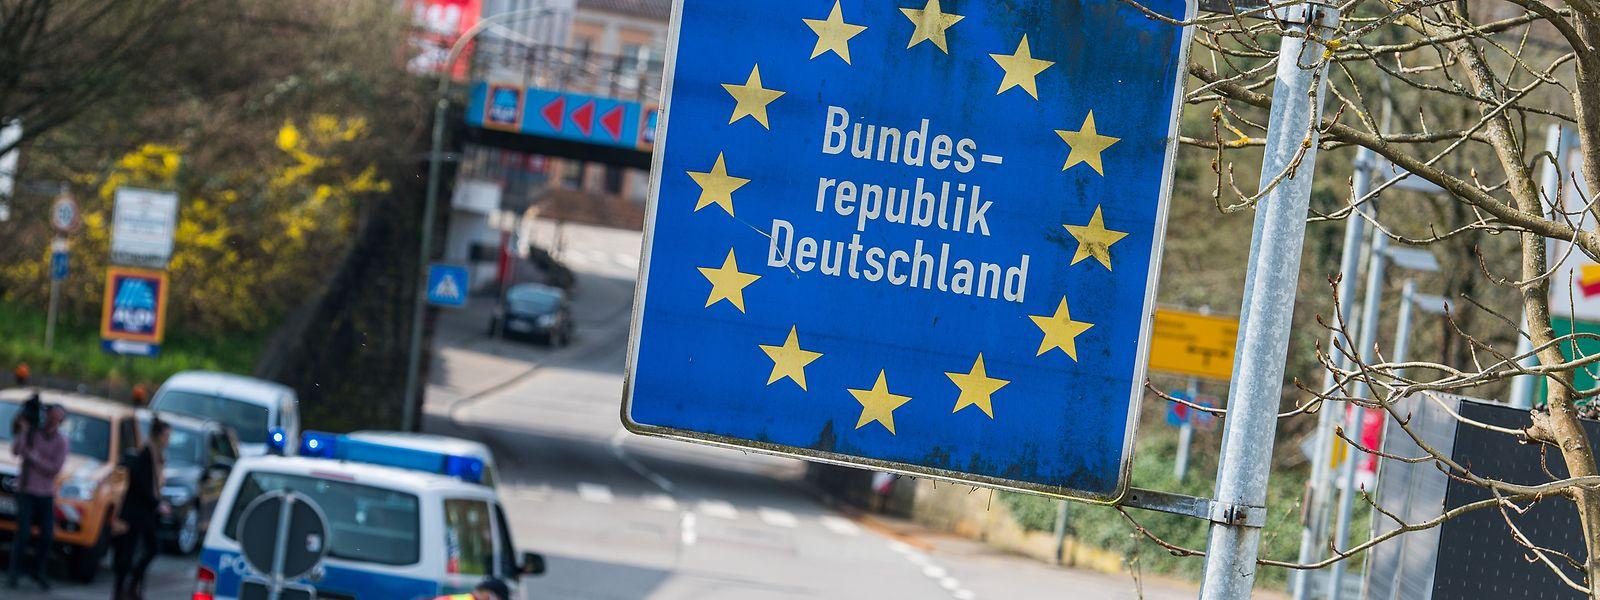 La mesure va impacter le passage de quelque 16.000 salariés mosellans travaillant en Allemagne chaque jour.